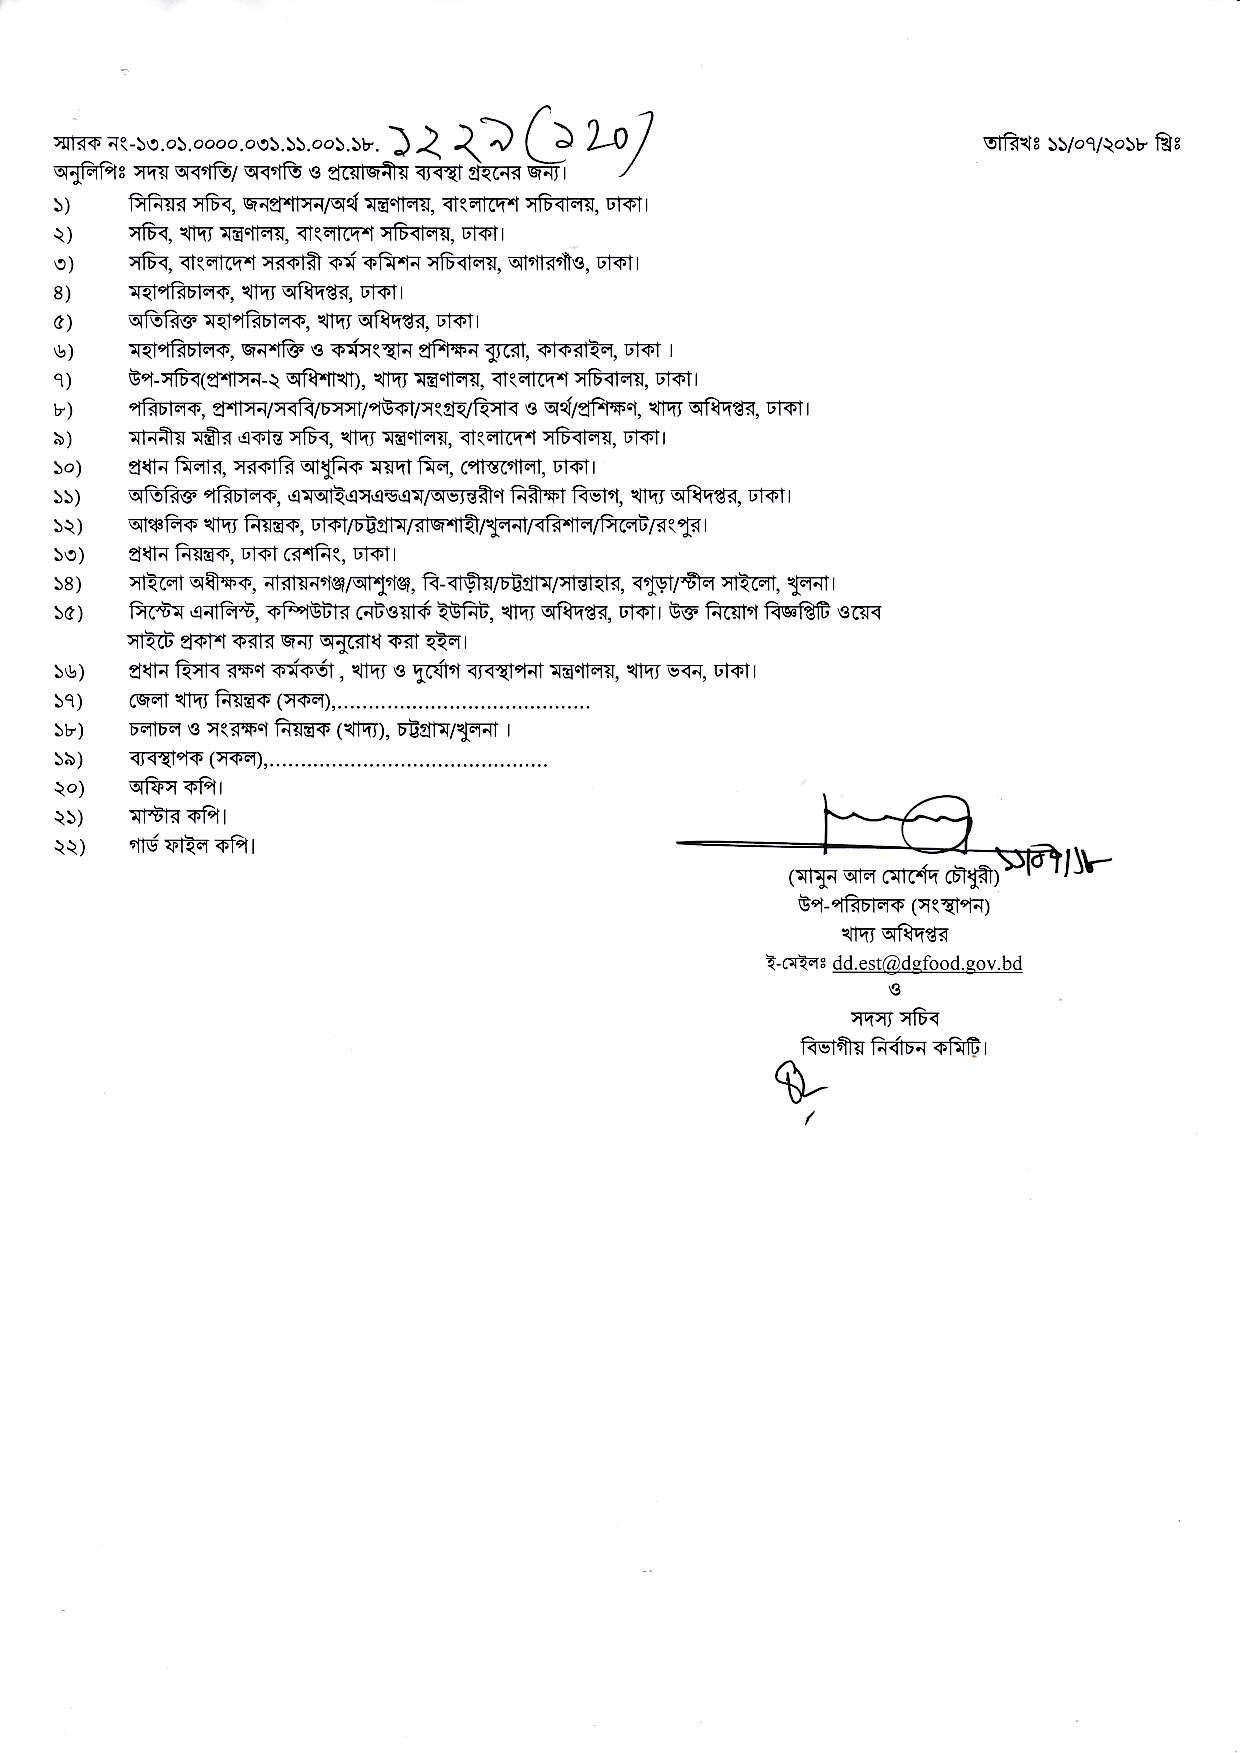 Directorate-General-of-Food-dgfood-Job-Circular-2018-page-006